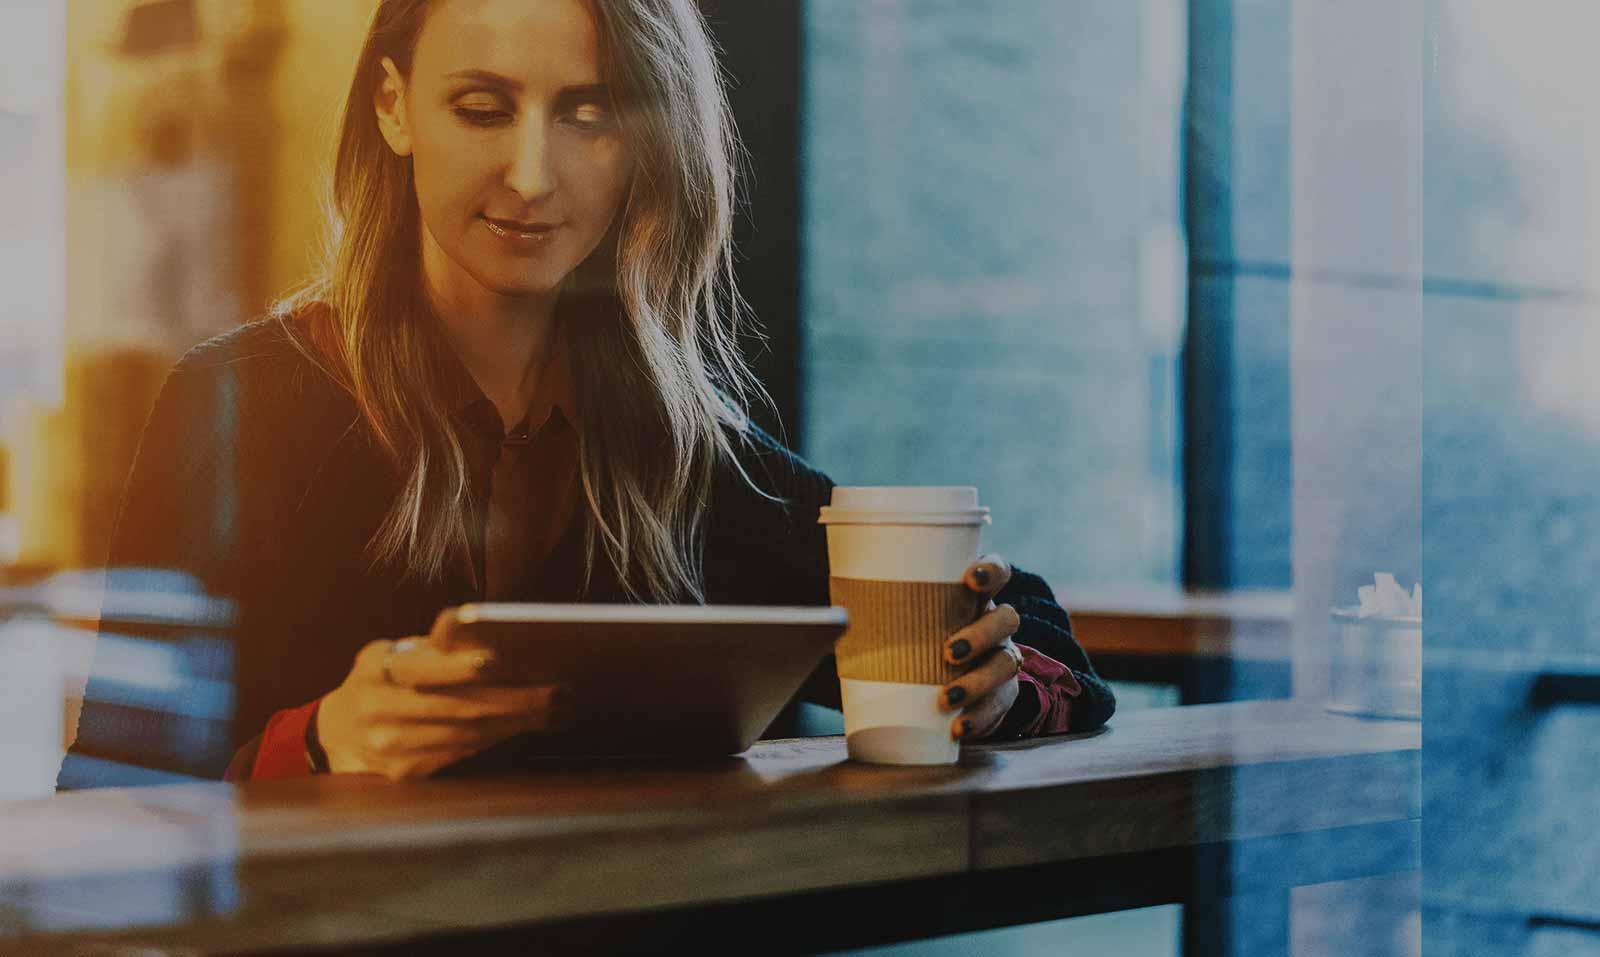 Smart Wifi Hotspots for Hotels in Dubai